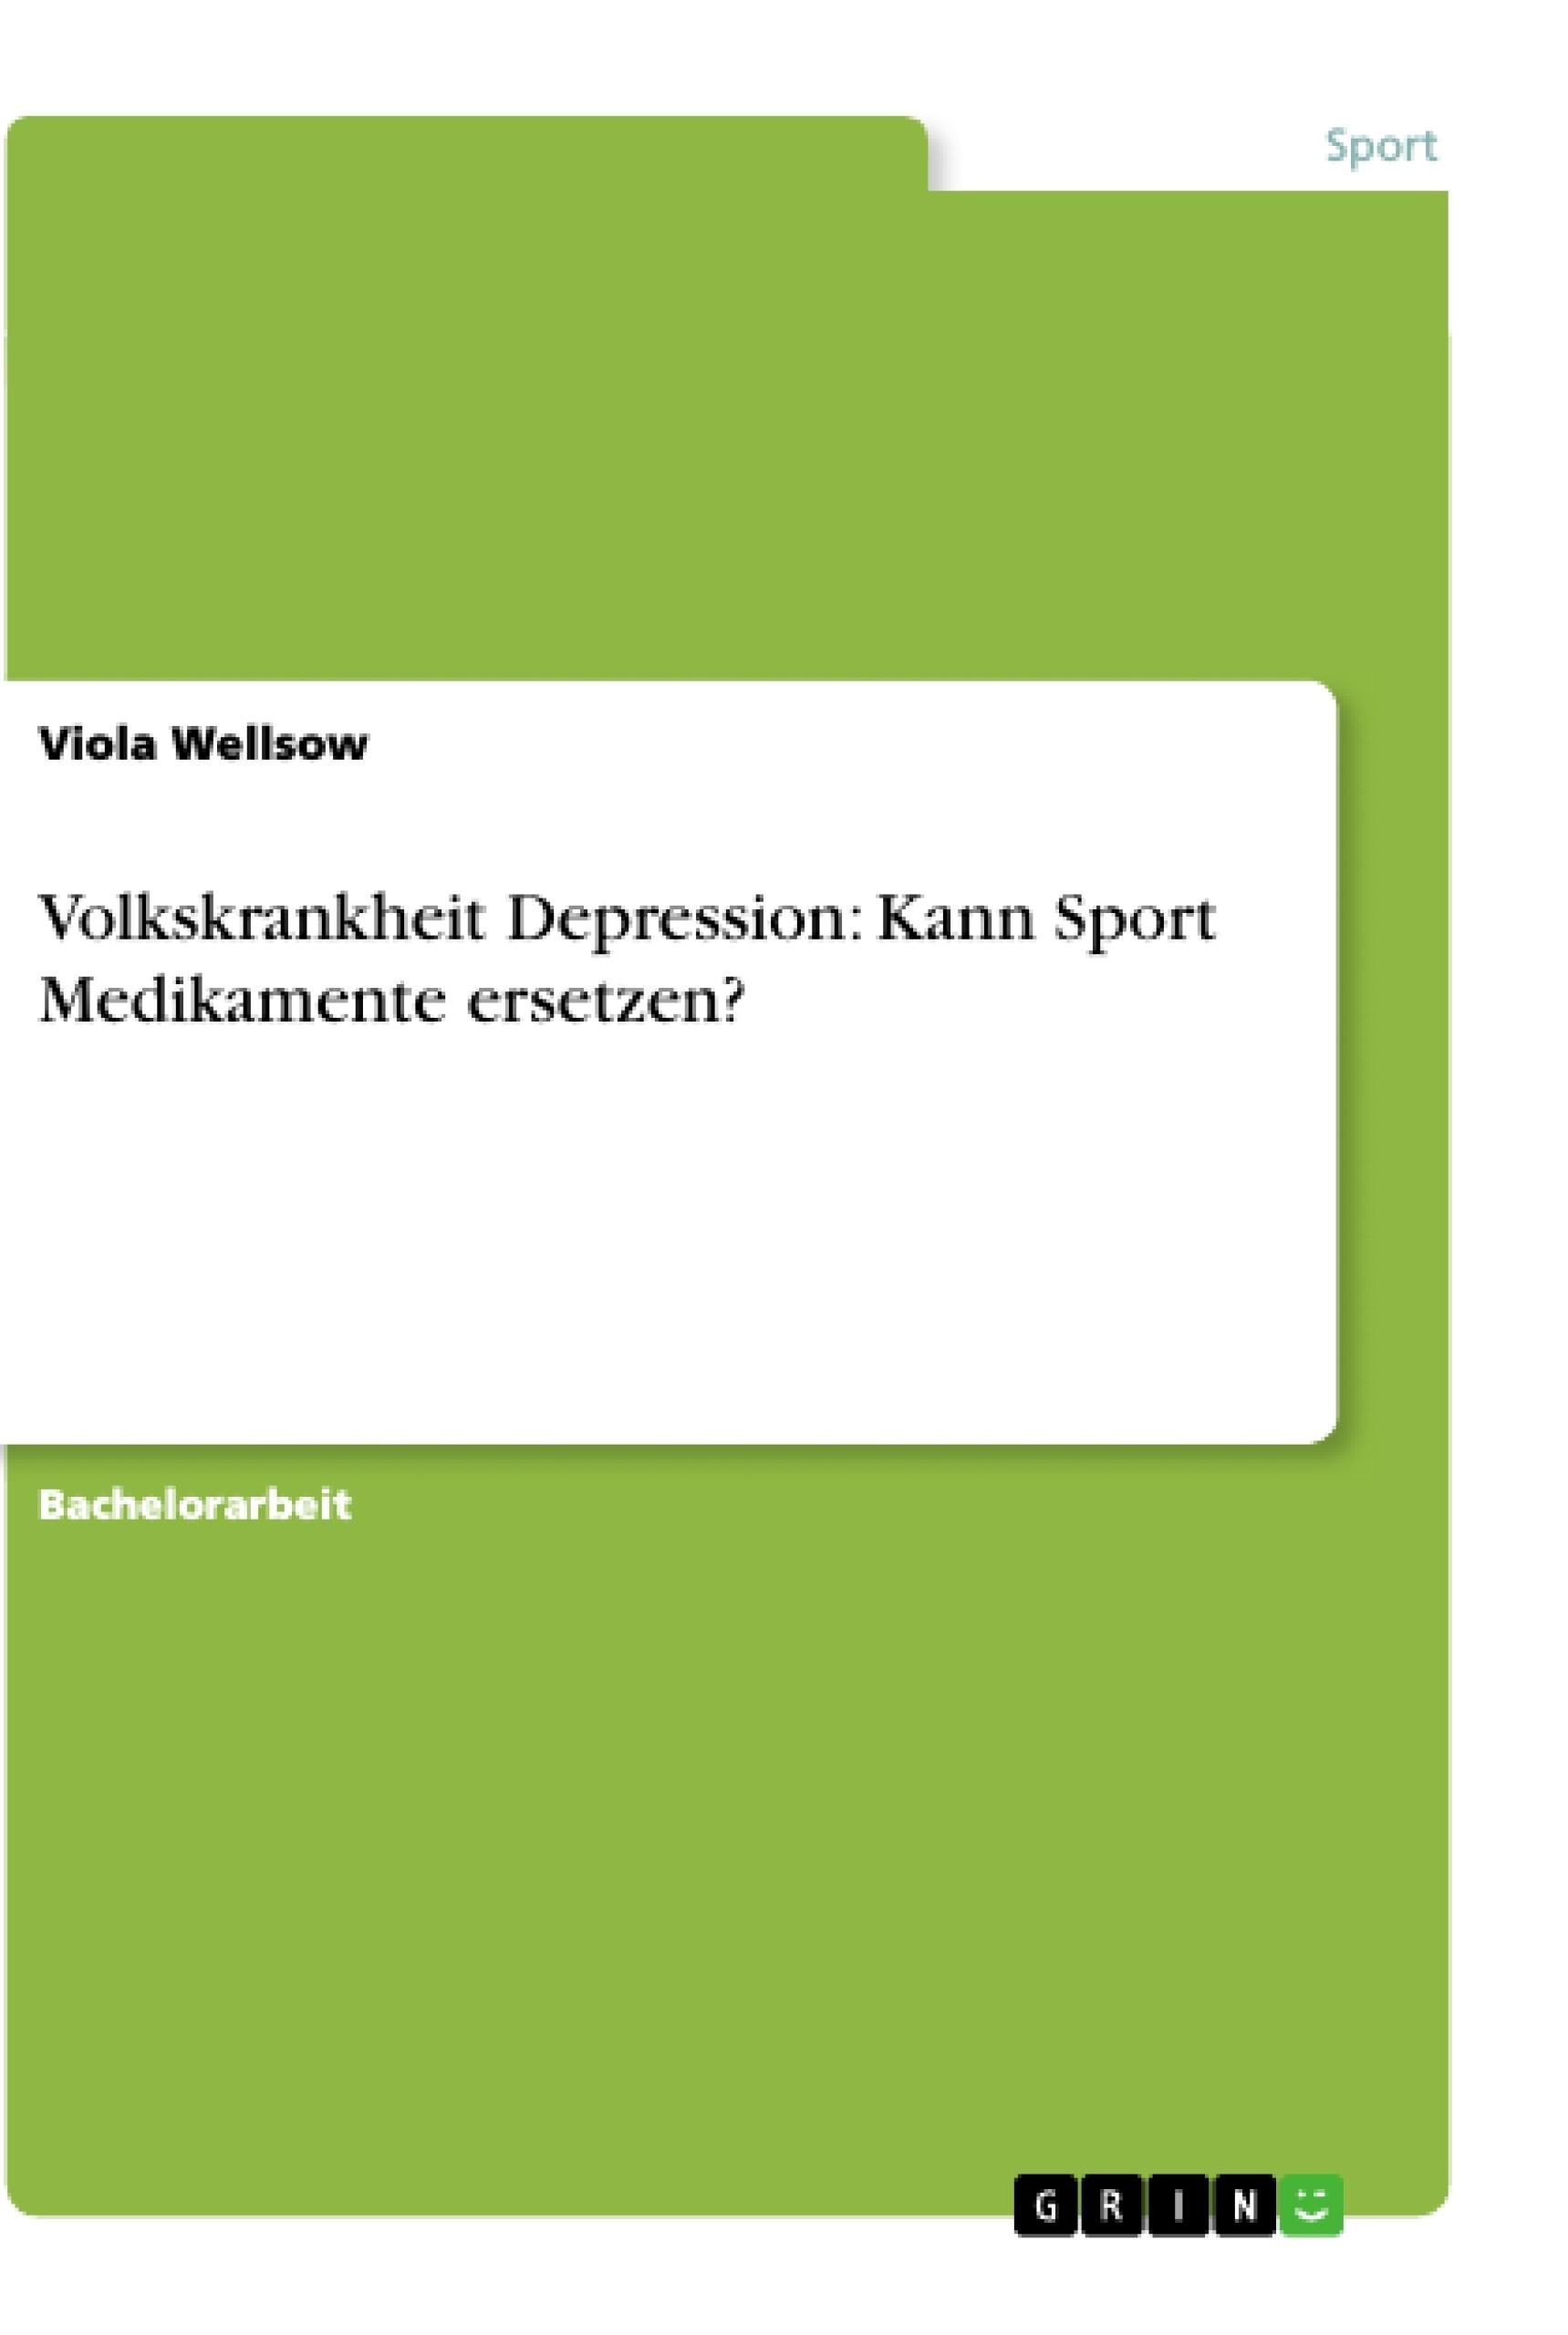 Titel: Volkskrankheit Depression: Kann Sport Medikamente ersetzen?